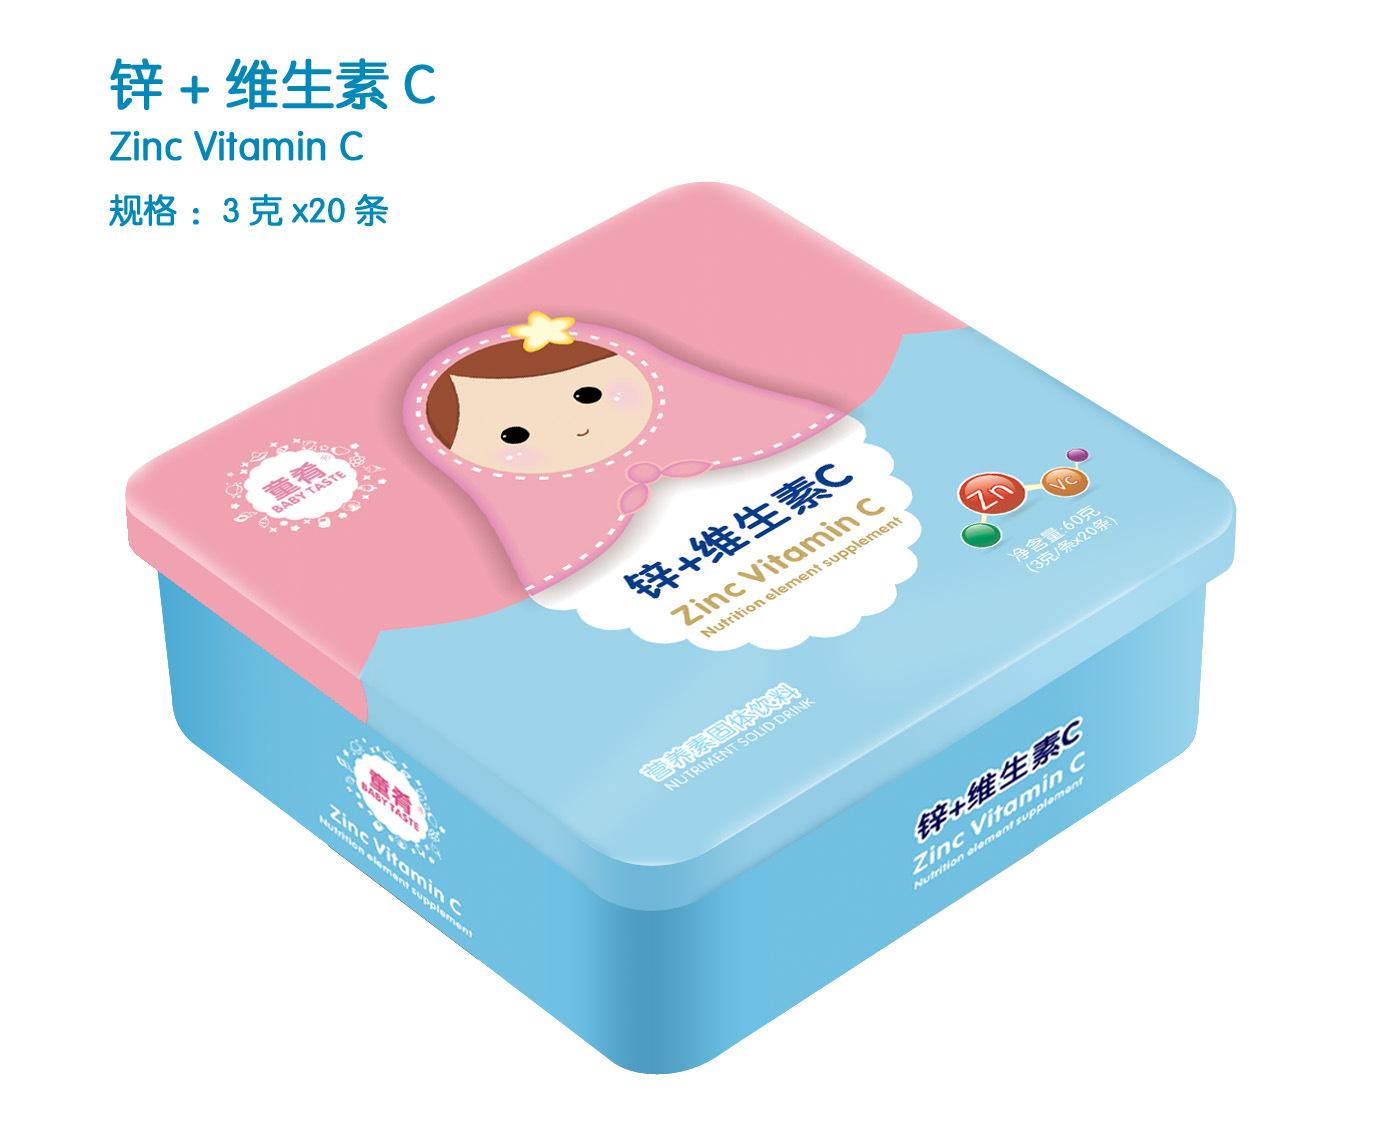 童肴 锌+维生素C营养素,补充钙铁锌维生素系列